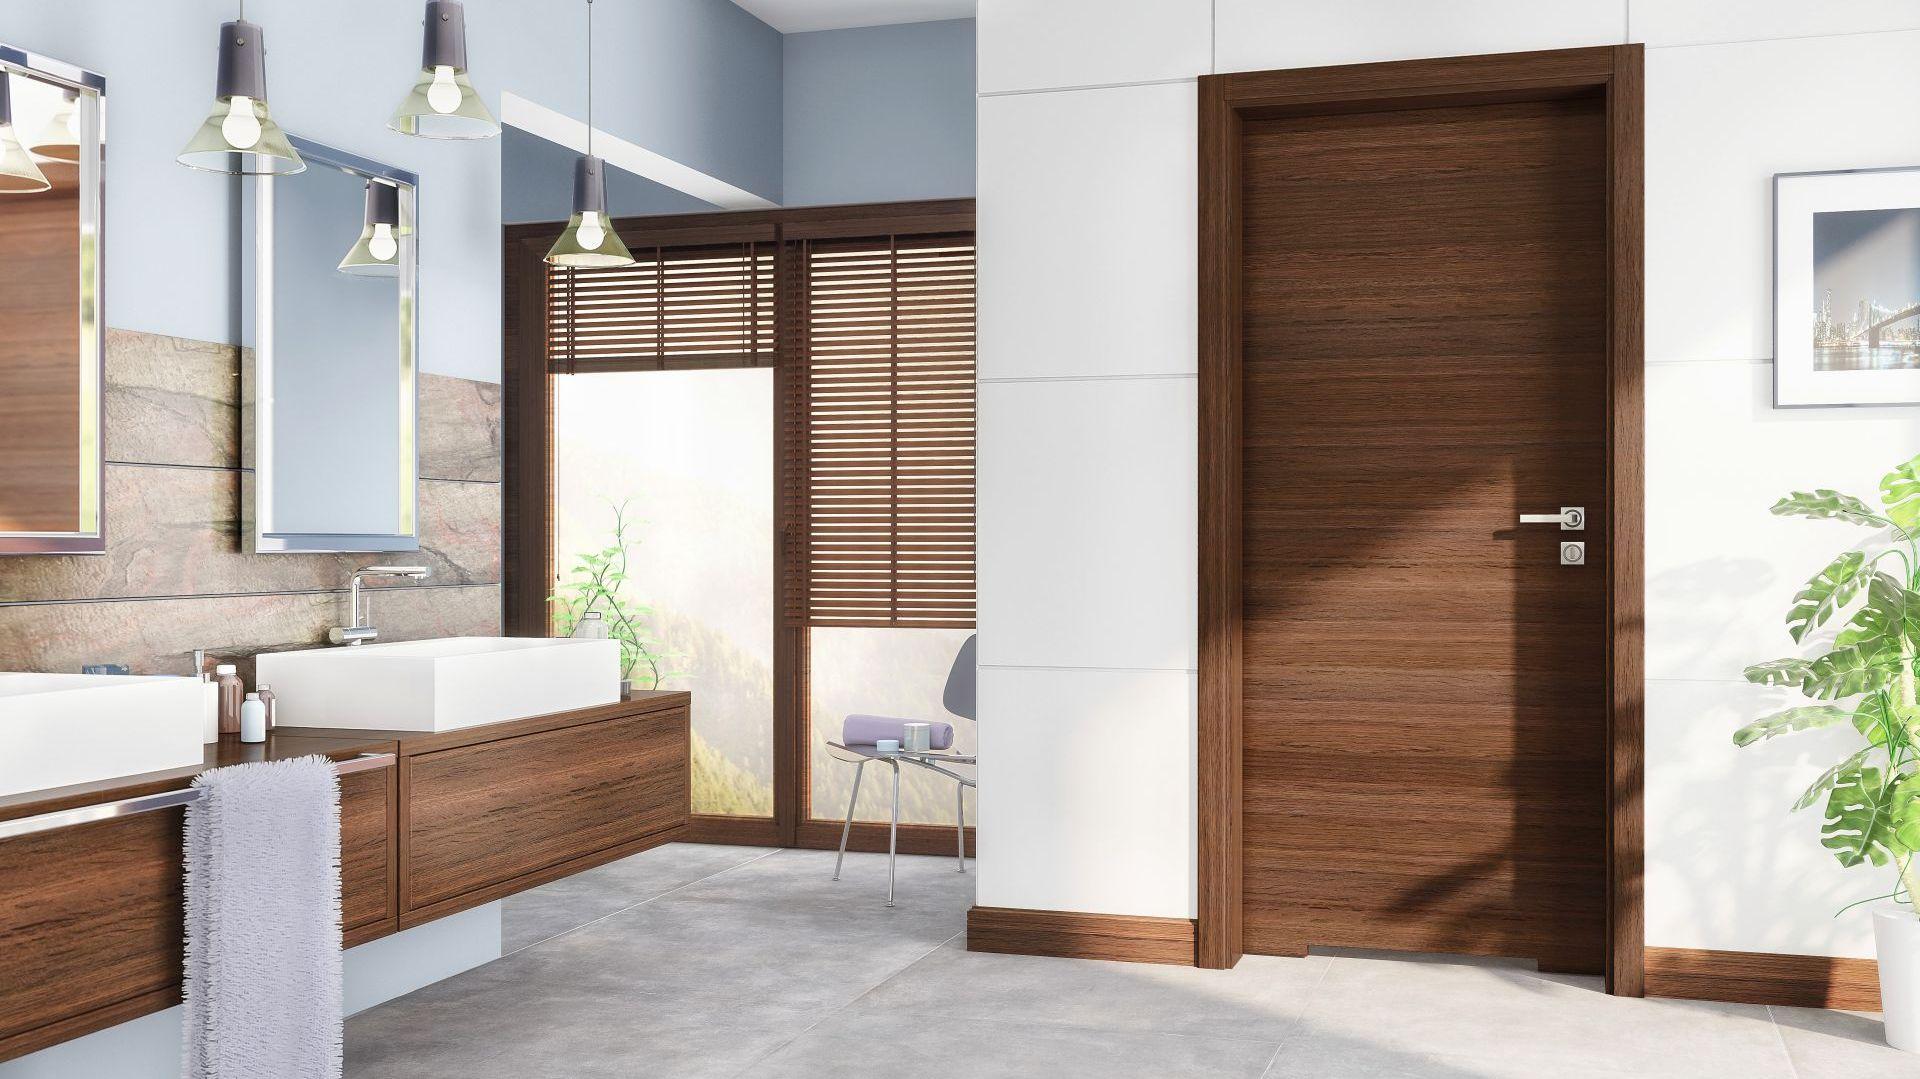 Drzwi Trendy wyposażone są w blokadę łazienkową oraz podcięcie wentylacyjne. Dolny ramiak skrzydła można zabezpieczyć przed nadmiernym działaniem wilgoci. Fot. Pol-Skone